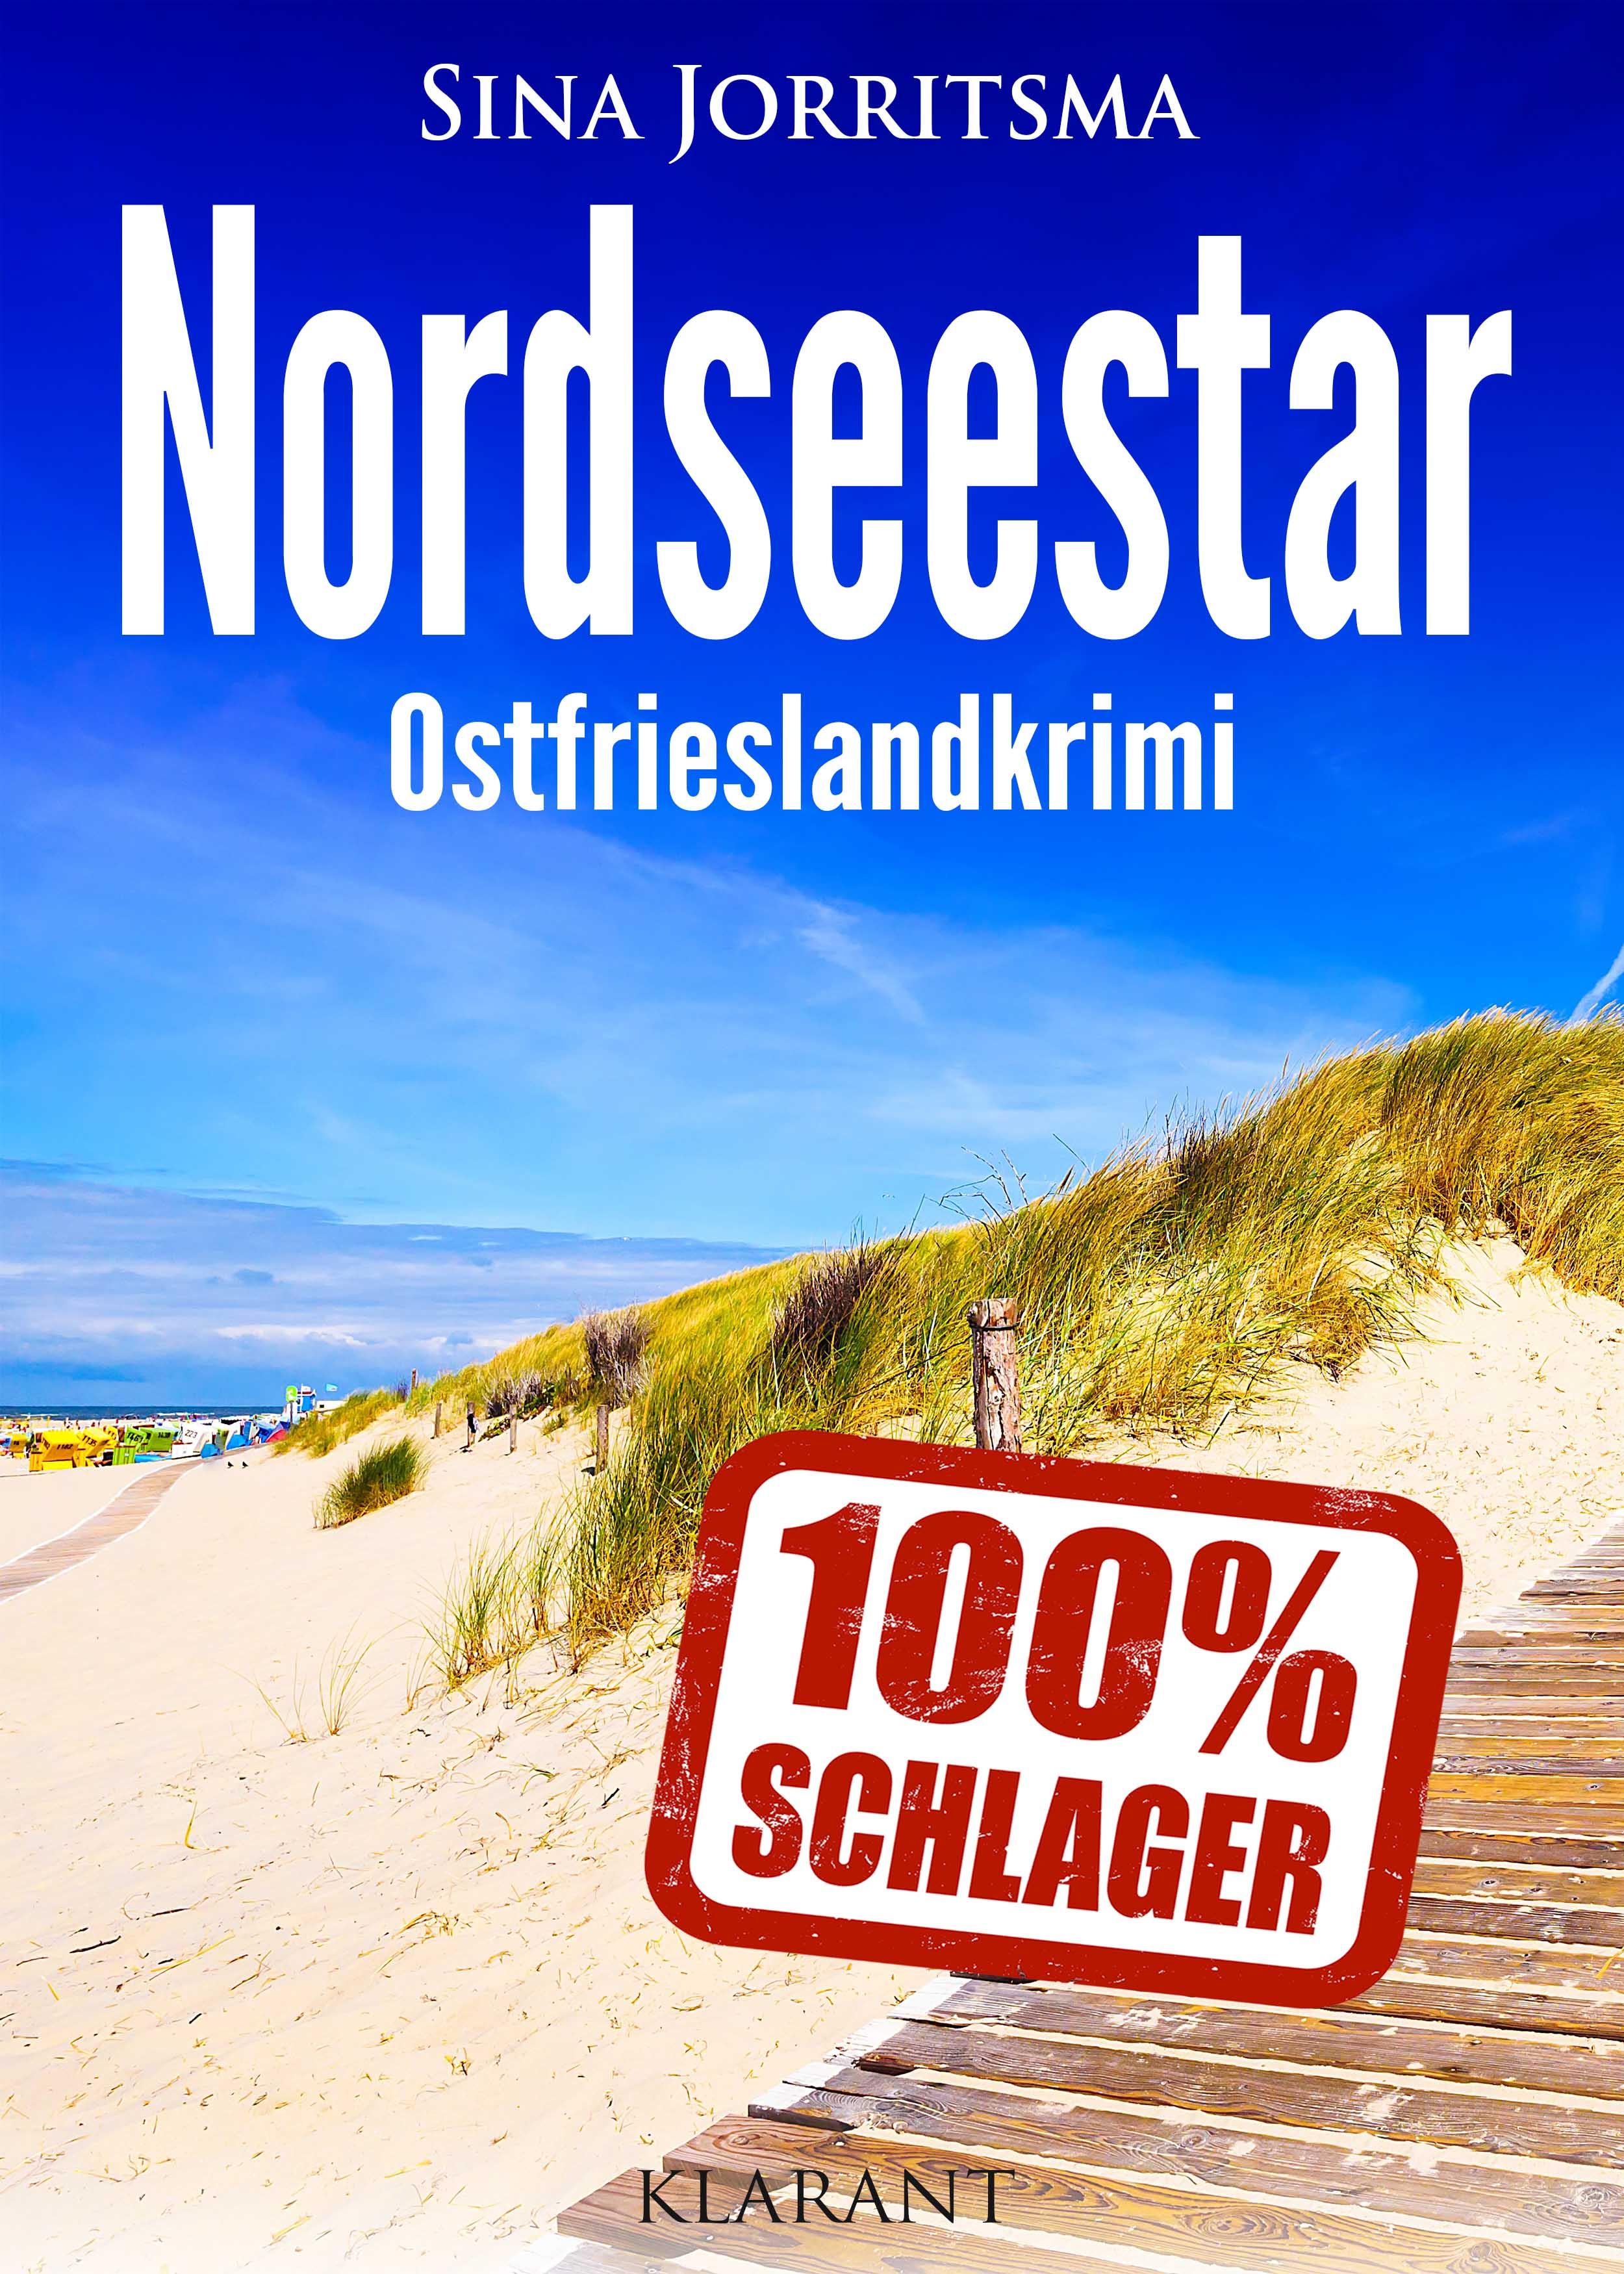 7801596838562849_NordseestarCover.jpg